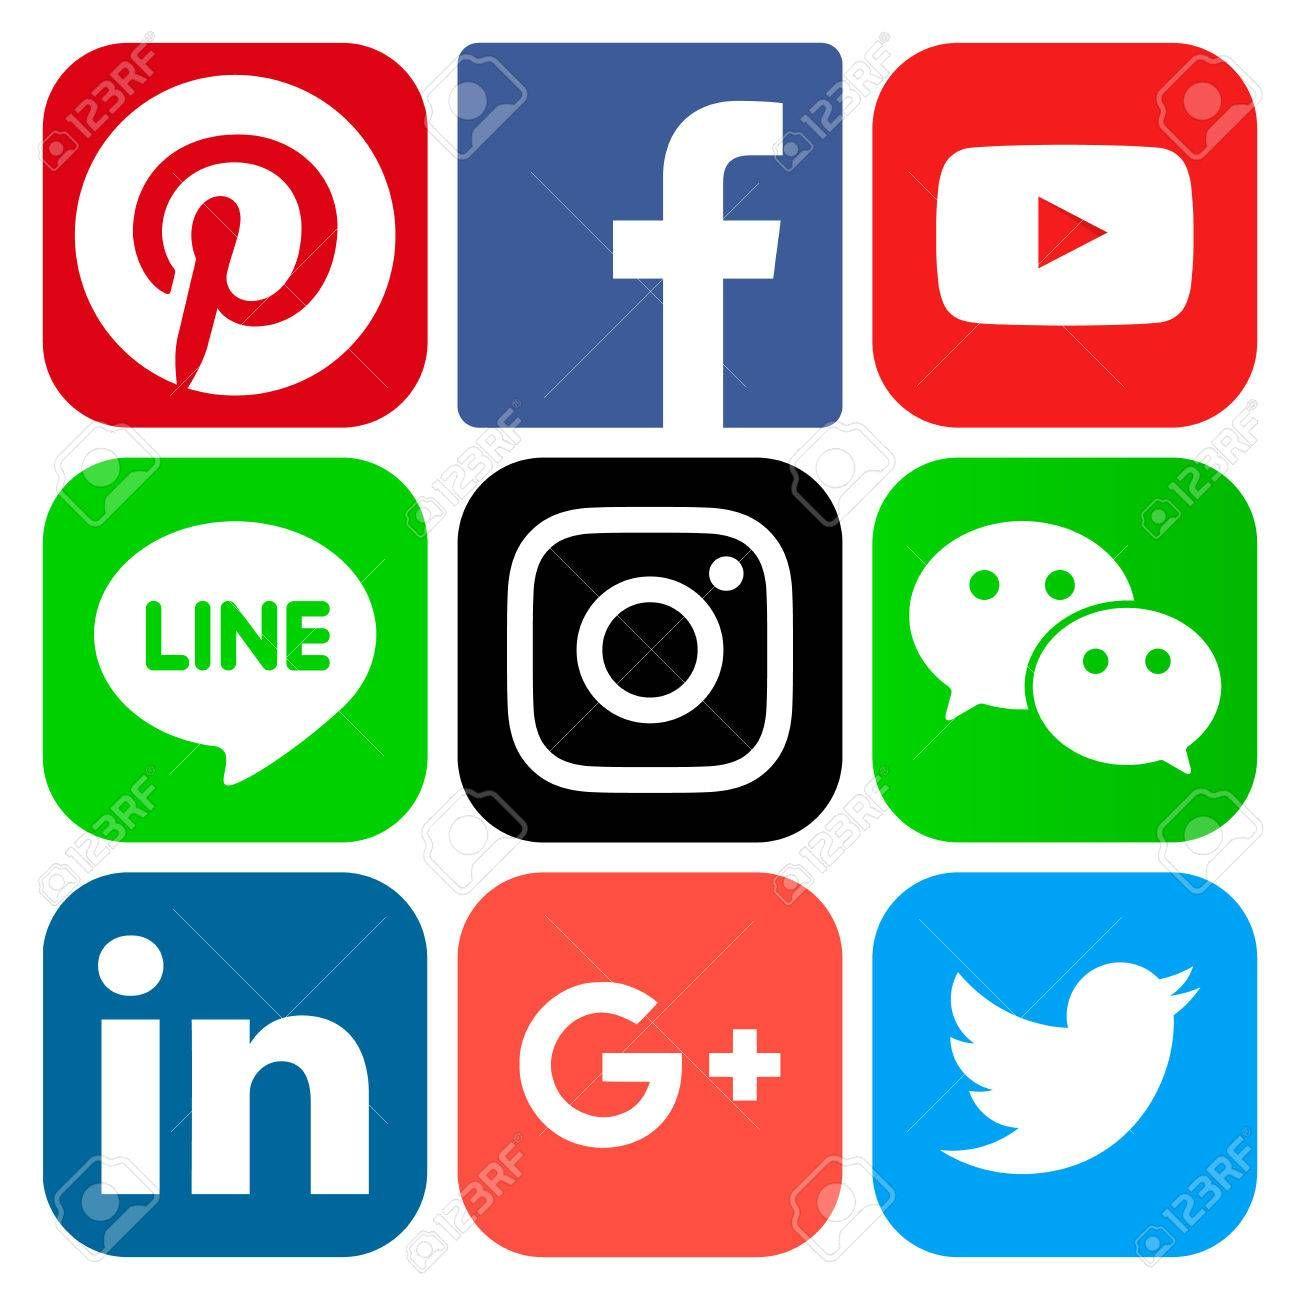 اضافة روابط مواقع التواصل الاجتماعى على قناتك فى اليتيوب Gaming Logos Logos Watch V